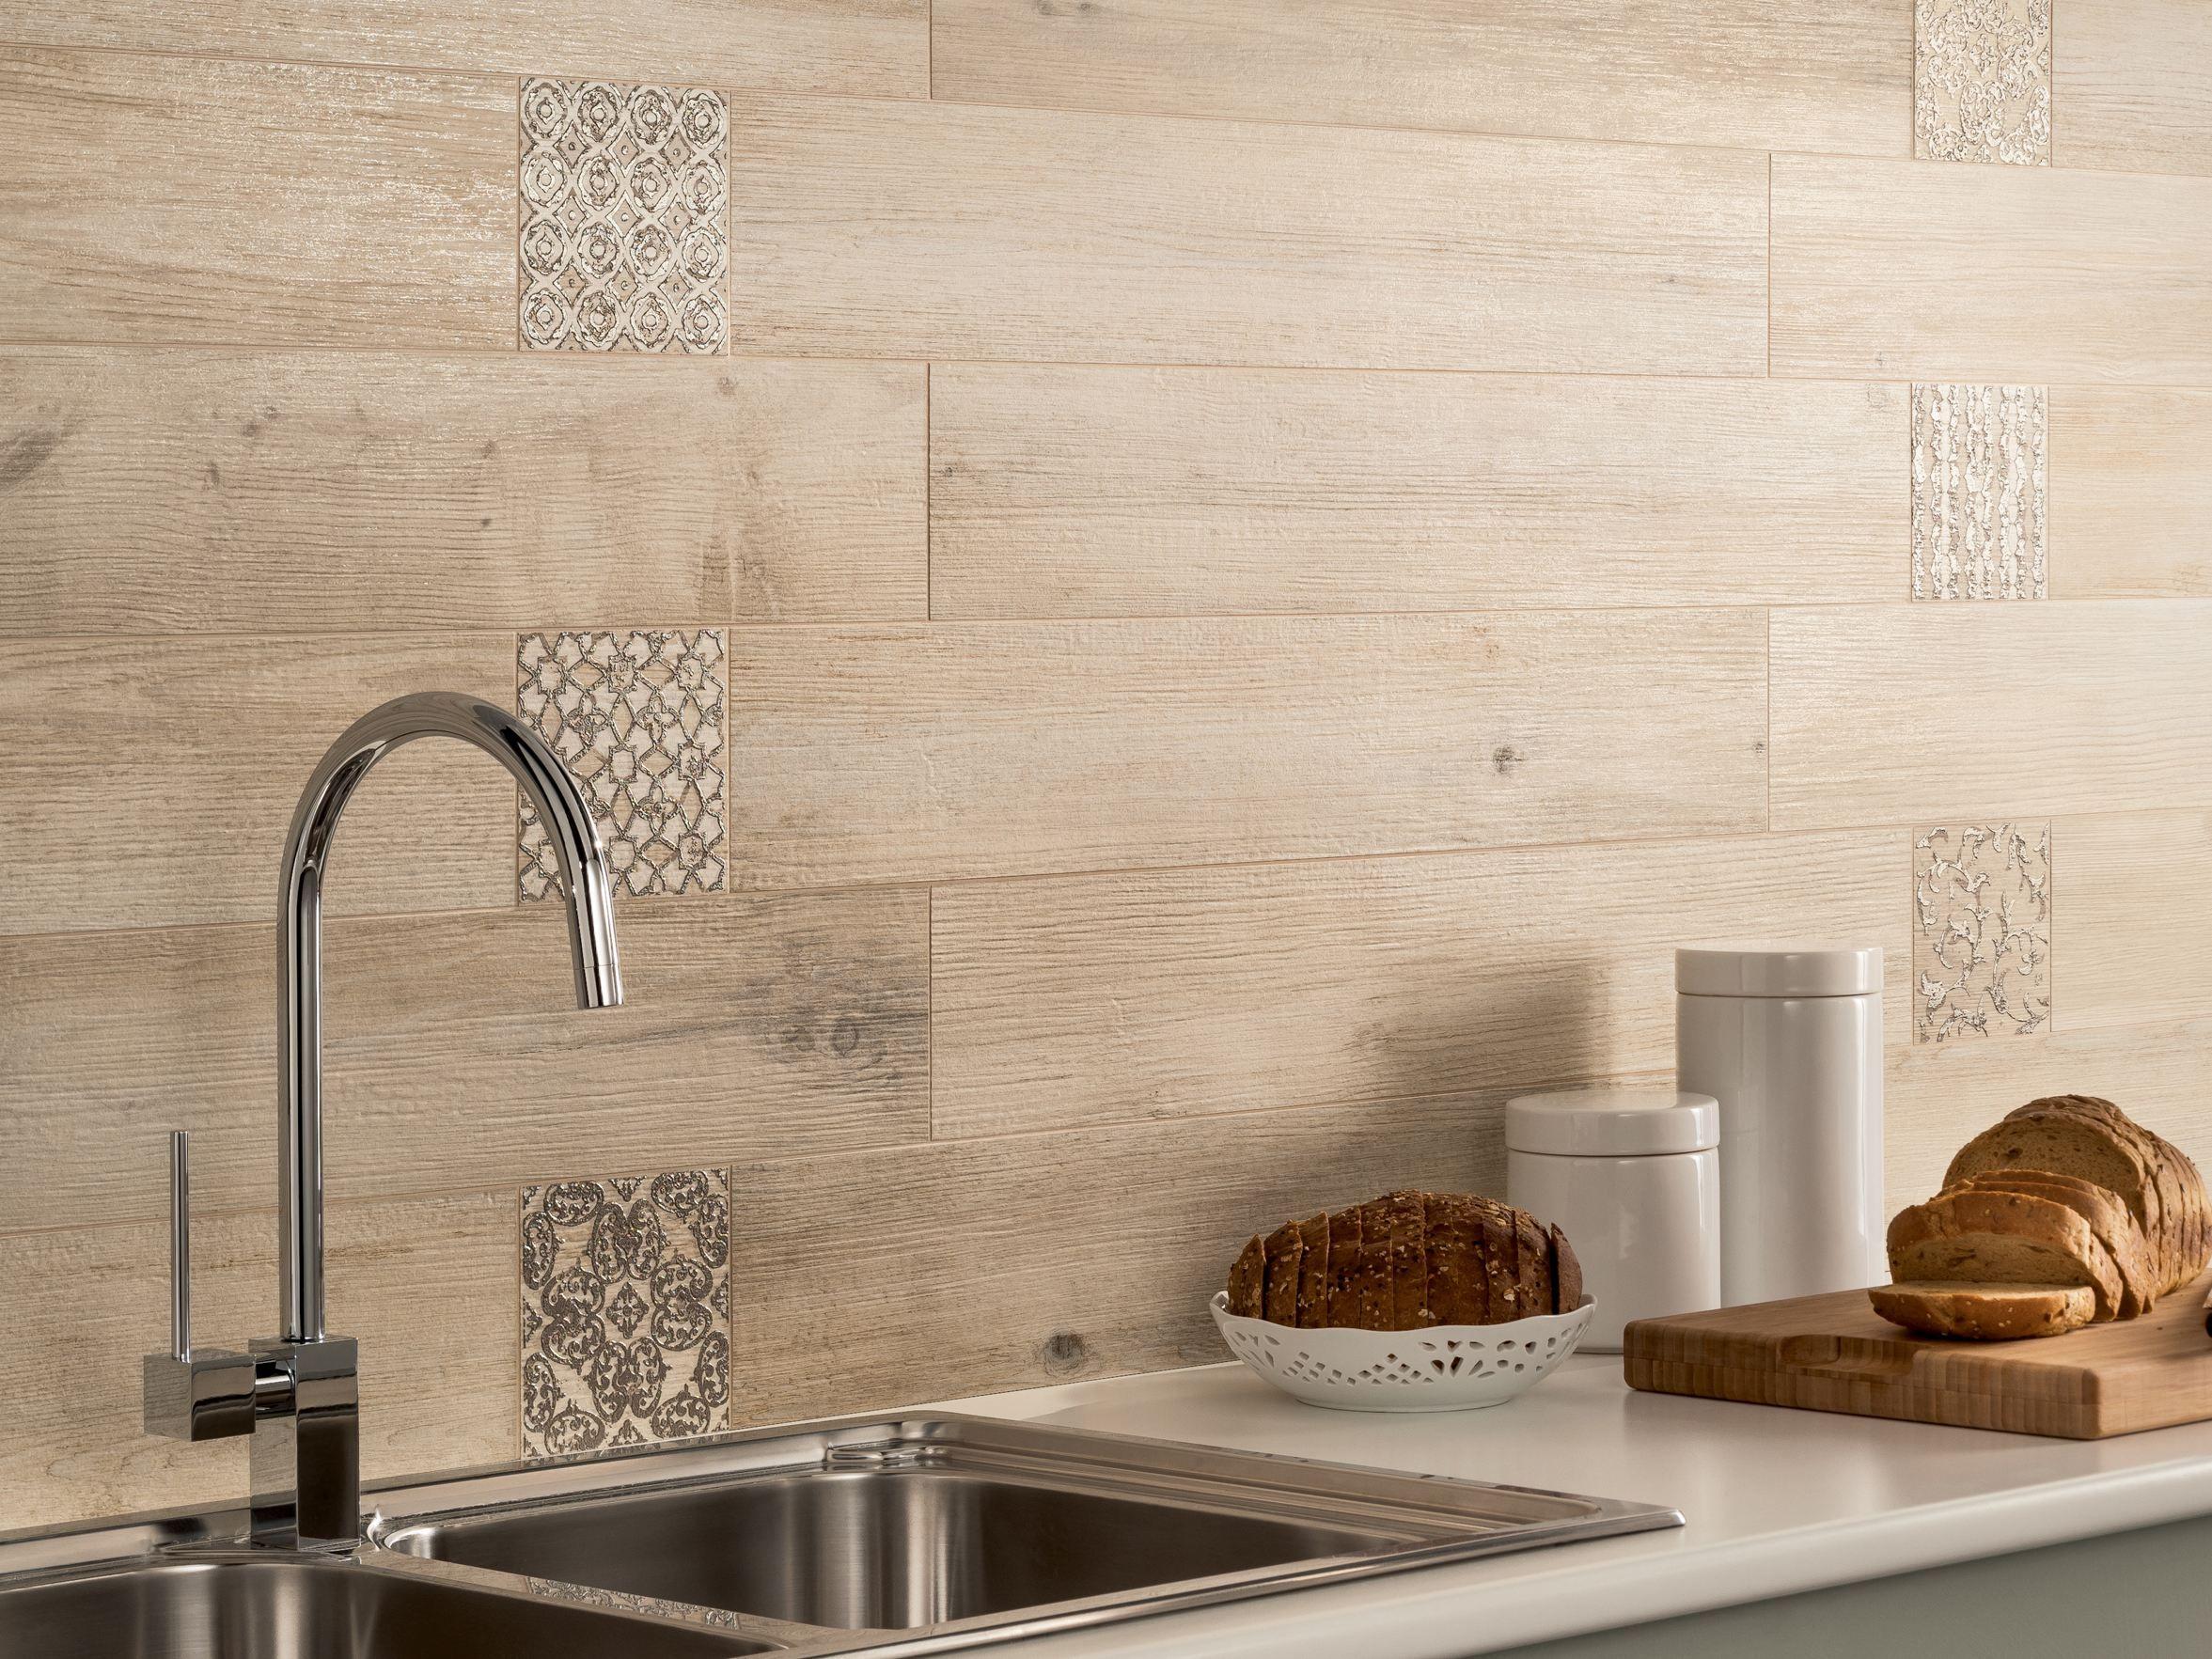 de paredsuelo de gres porcelnico imitacin madera larix by ariana ceramica italiana